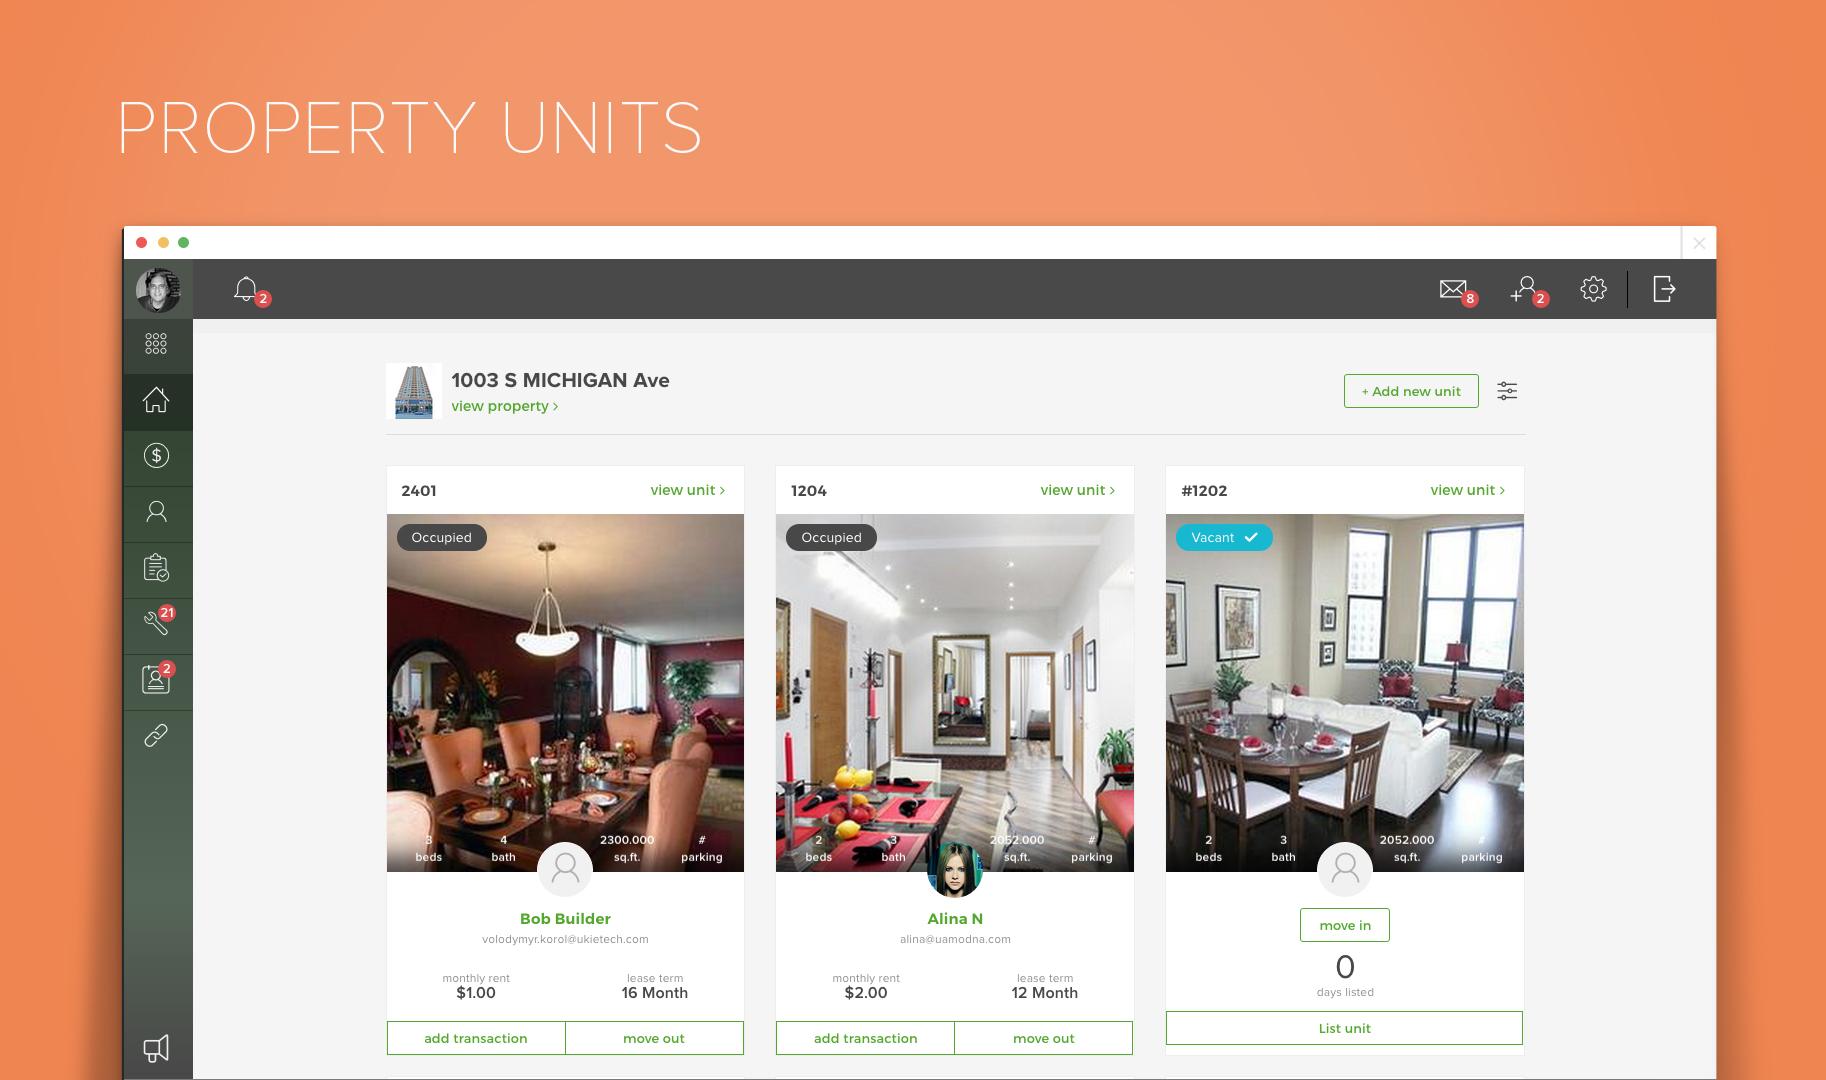 Property unit view